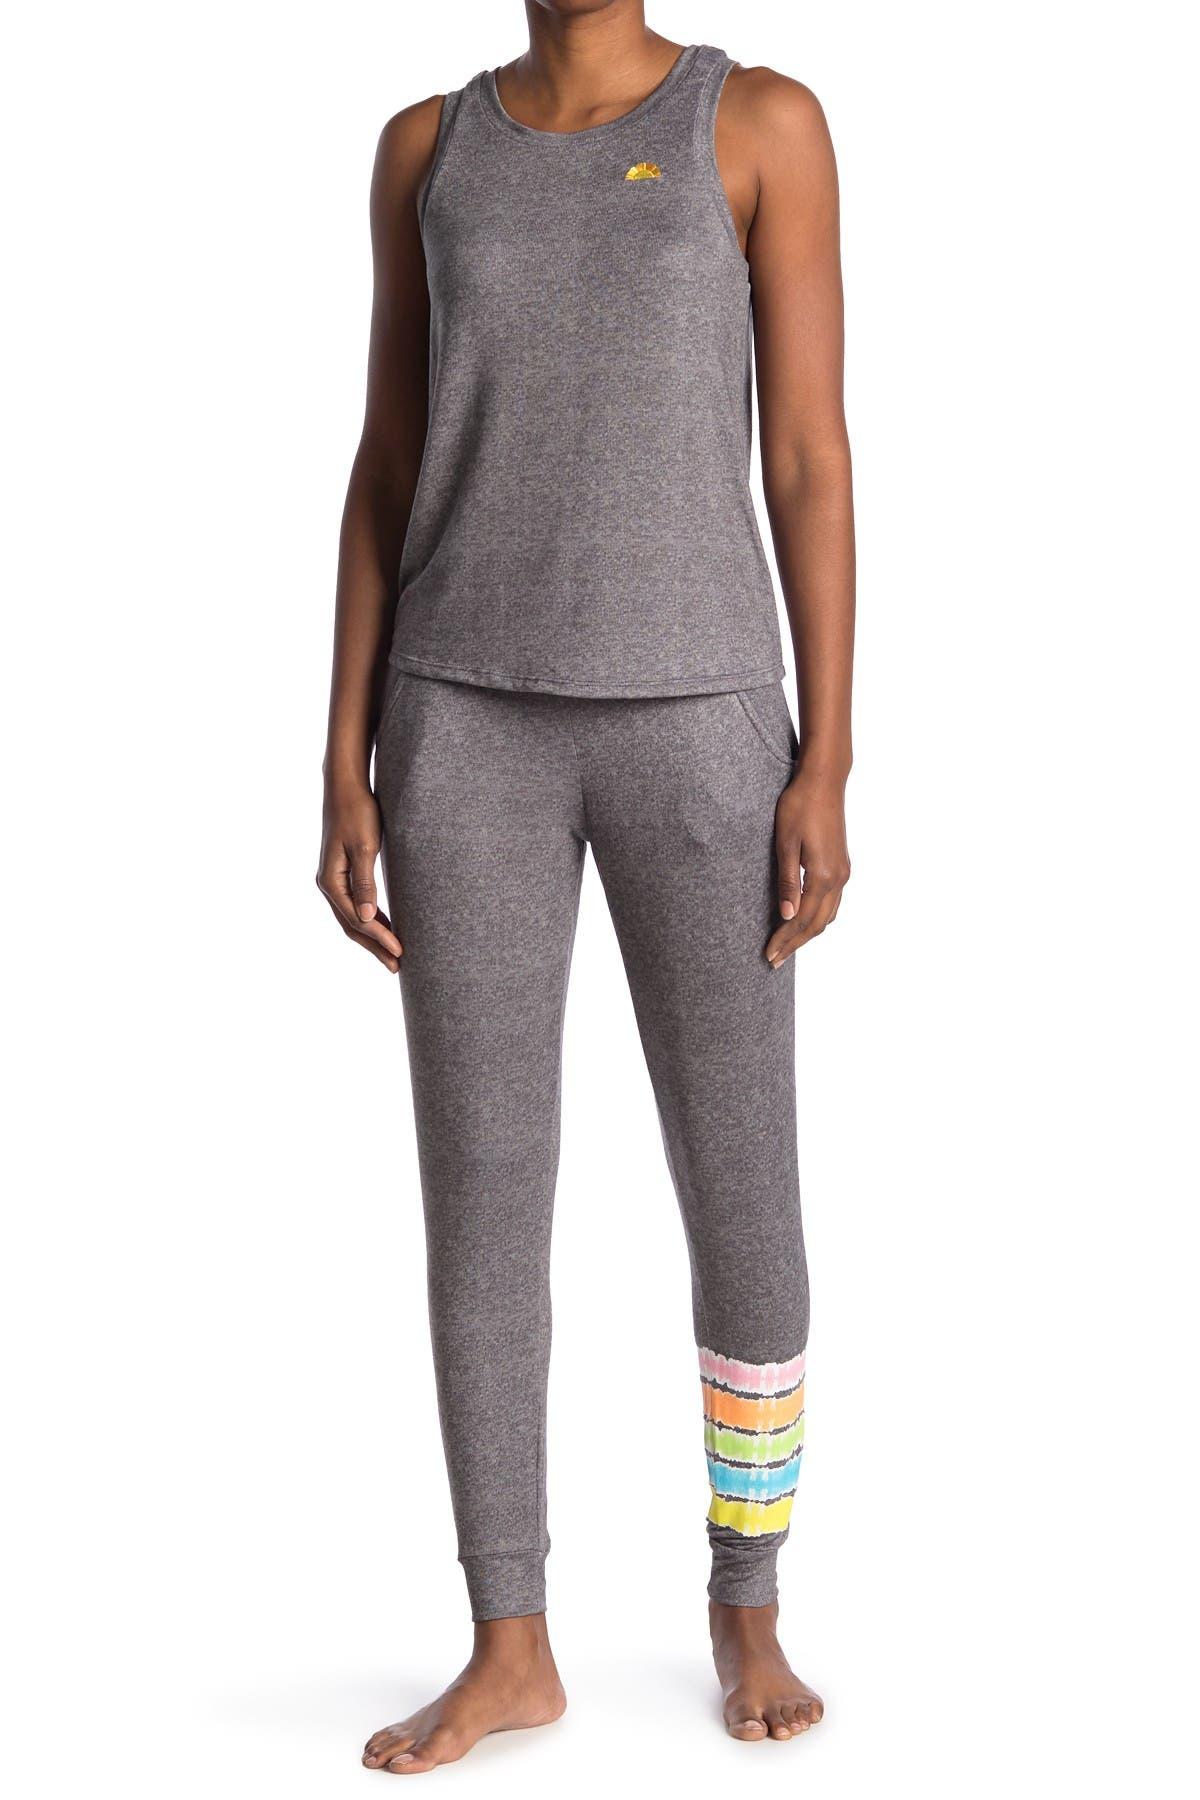 Image of C & C California Knit 2-Piece Pajama Set